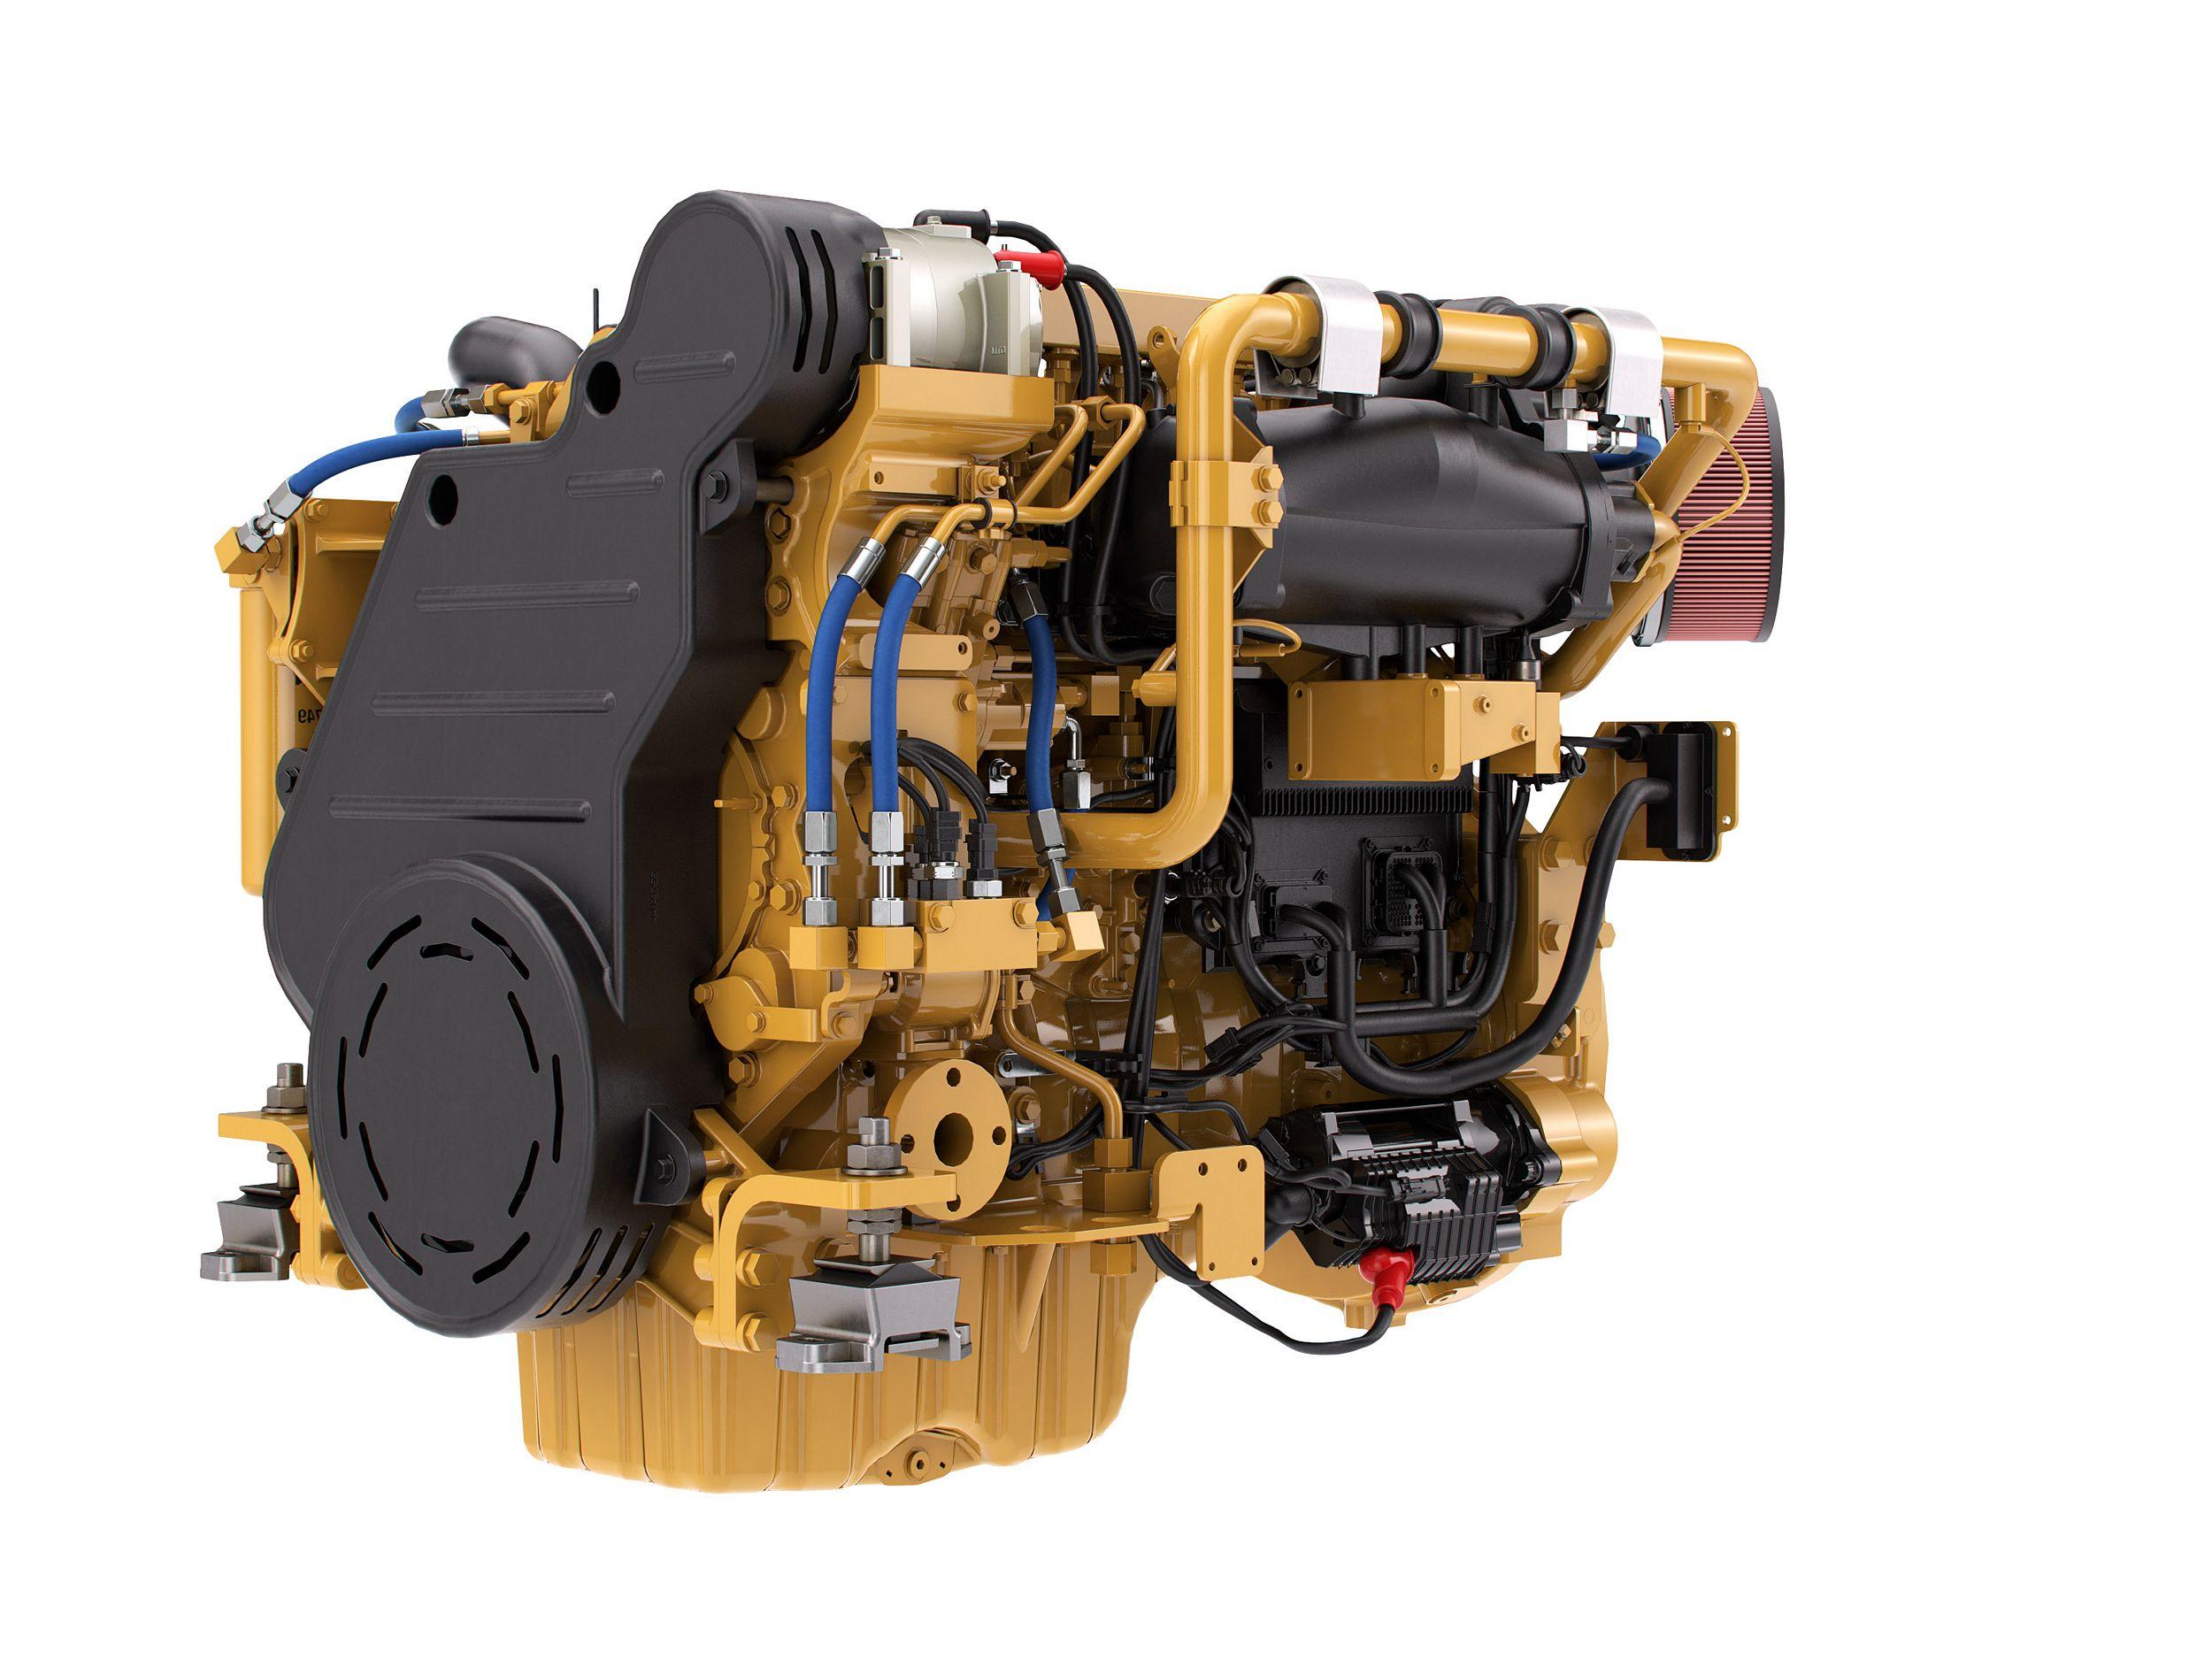 C9.3 ACERT Marine Propulsion Engine